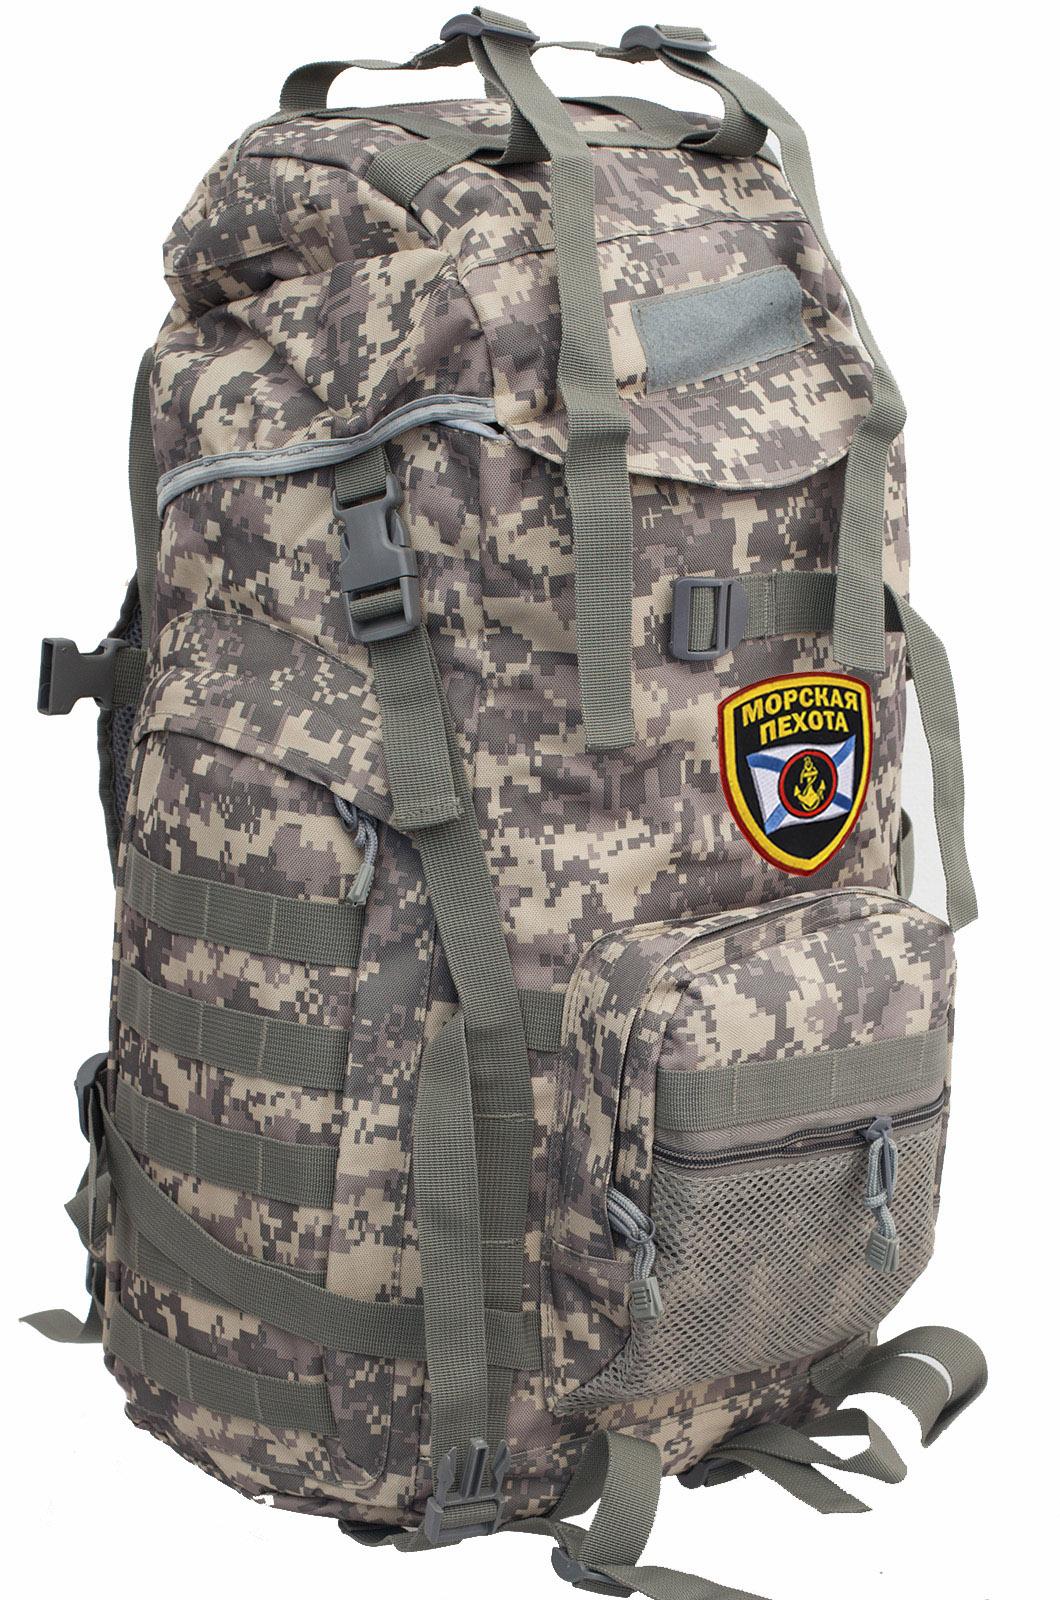 Купить камуфляжный ранец рюкзак Морской пехоты